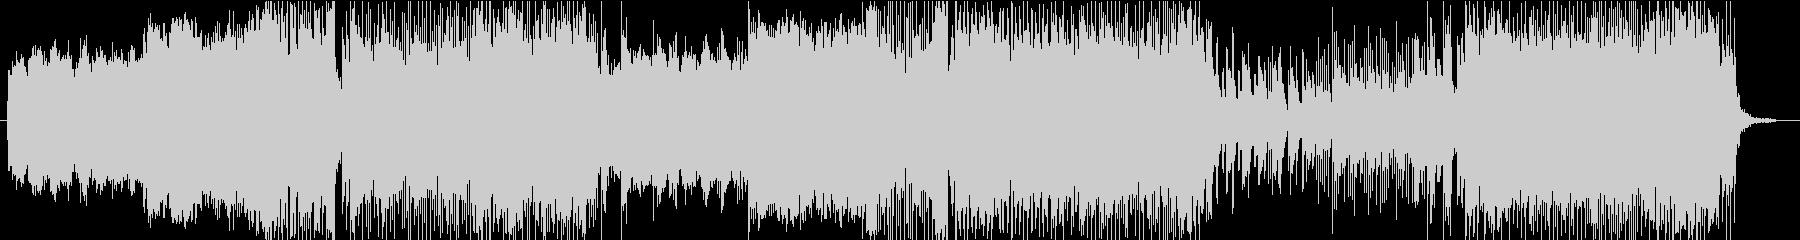 テクノ BGMの未再生の波形